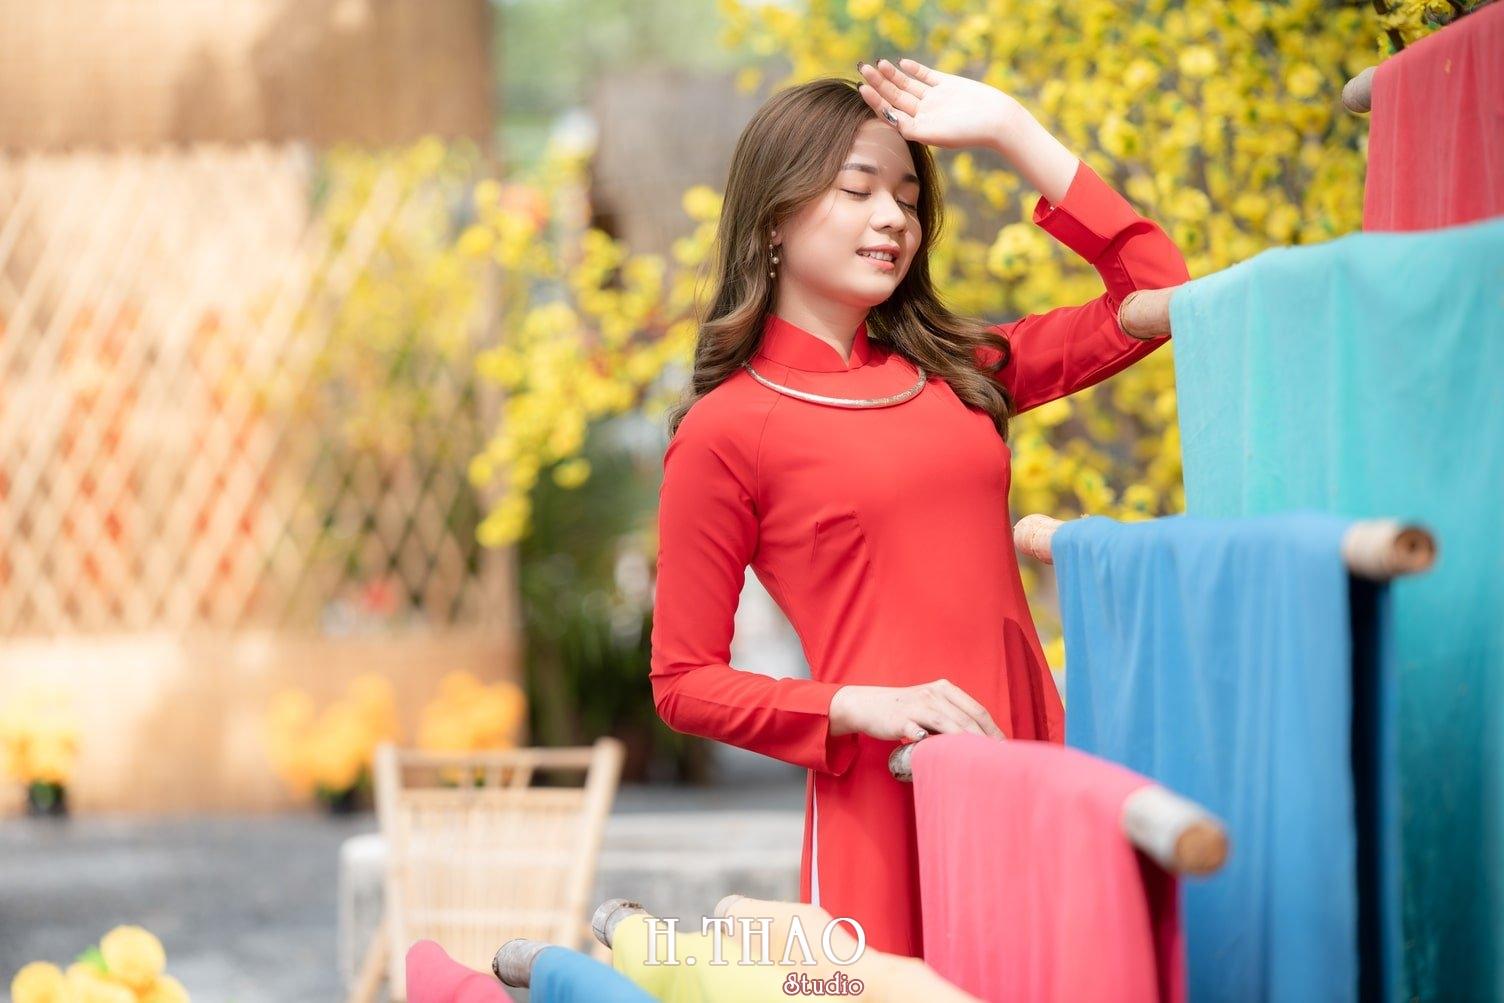 Ao dai tet do 2 - Top 40 ảnh áo dài chụp với Hoa đào, hoa mai tết tuyệt đẹp- HThao Studio